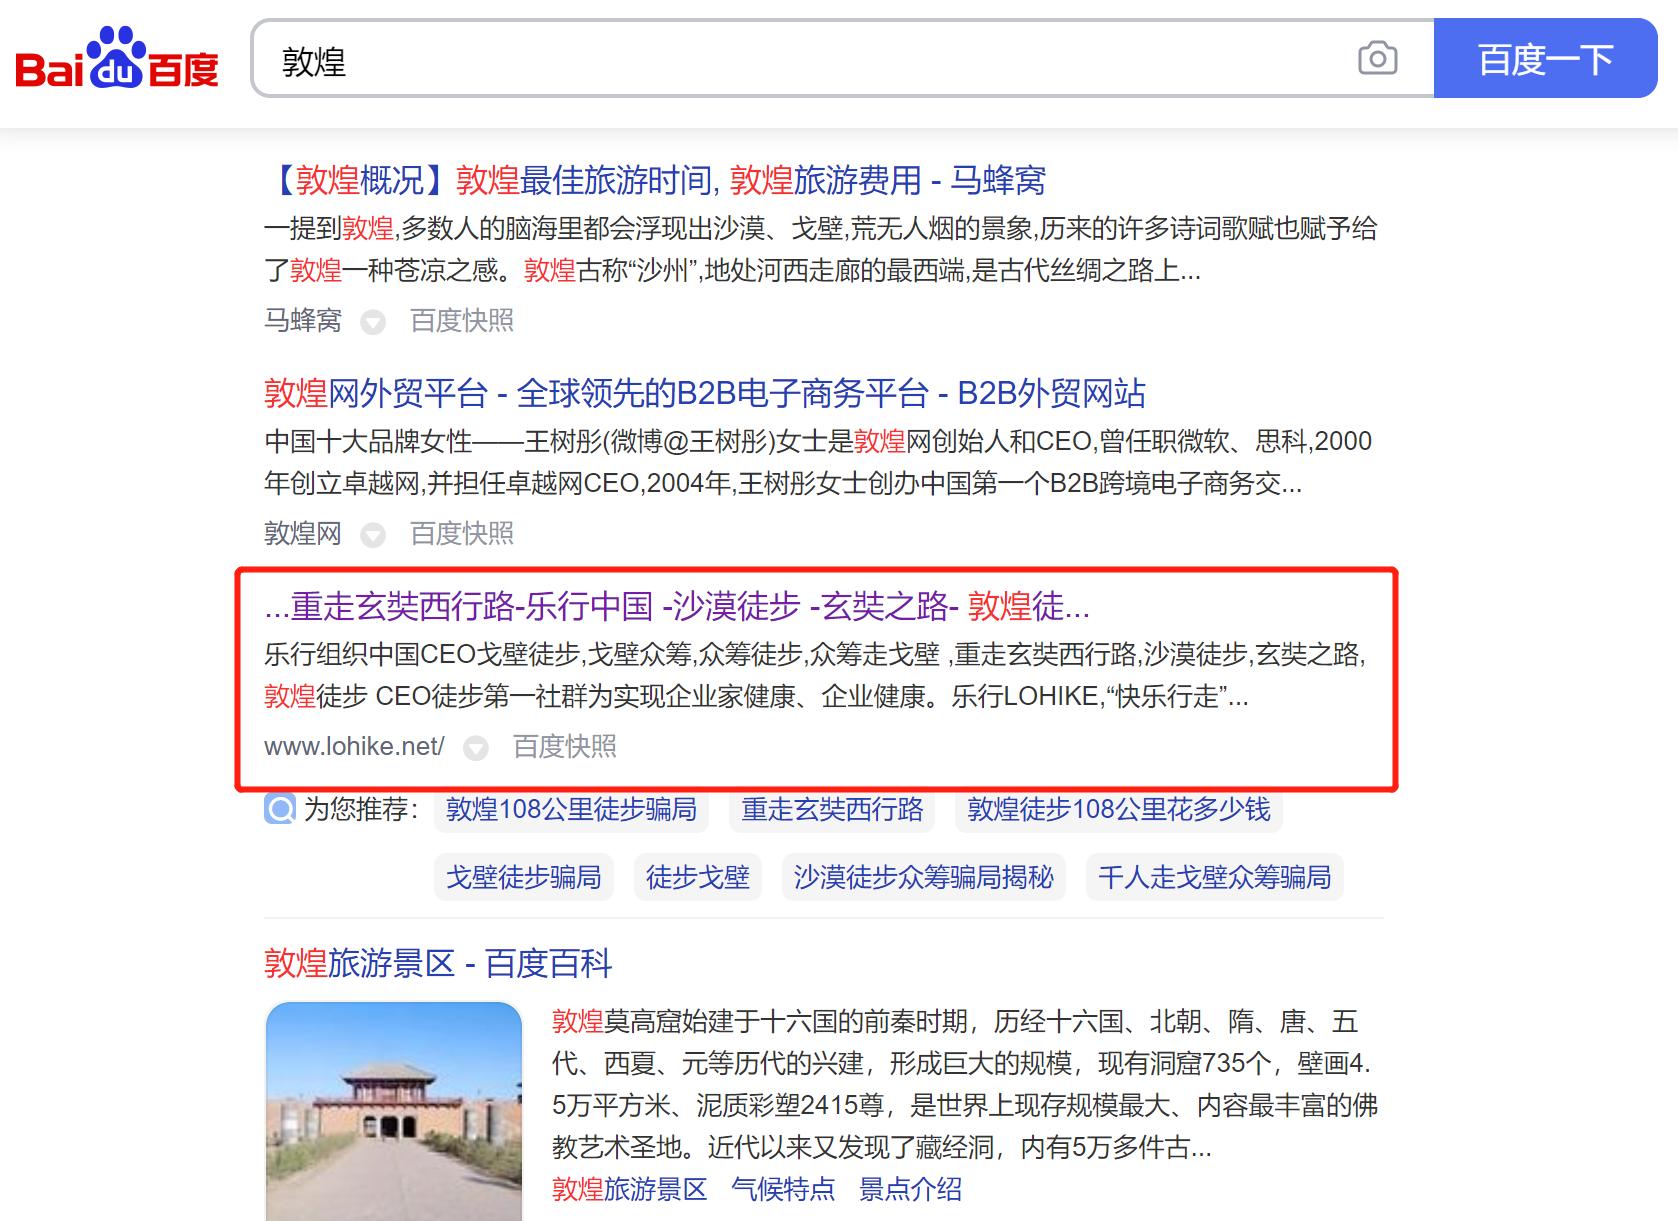 乐行中国官网单词排名优化案例